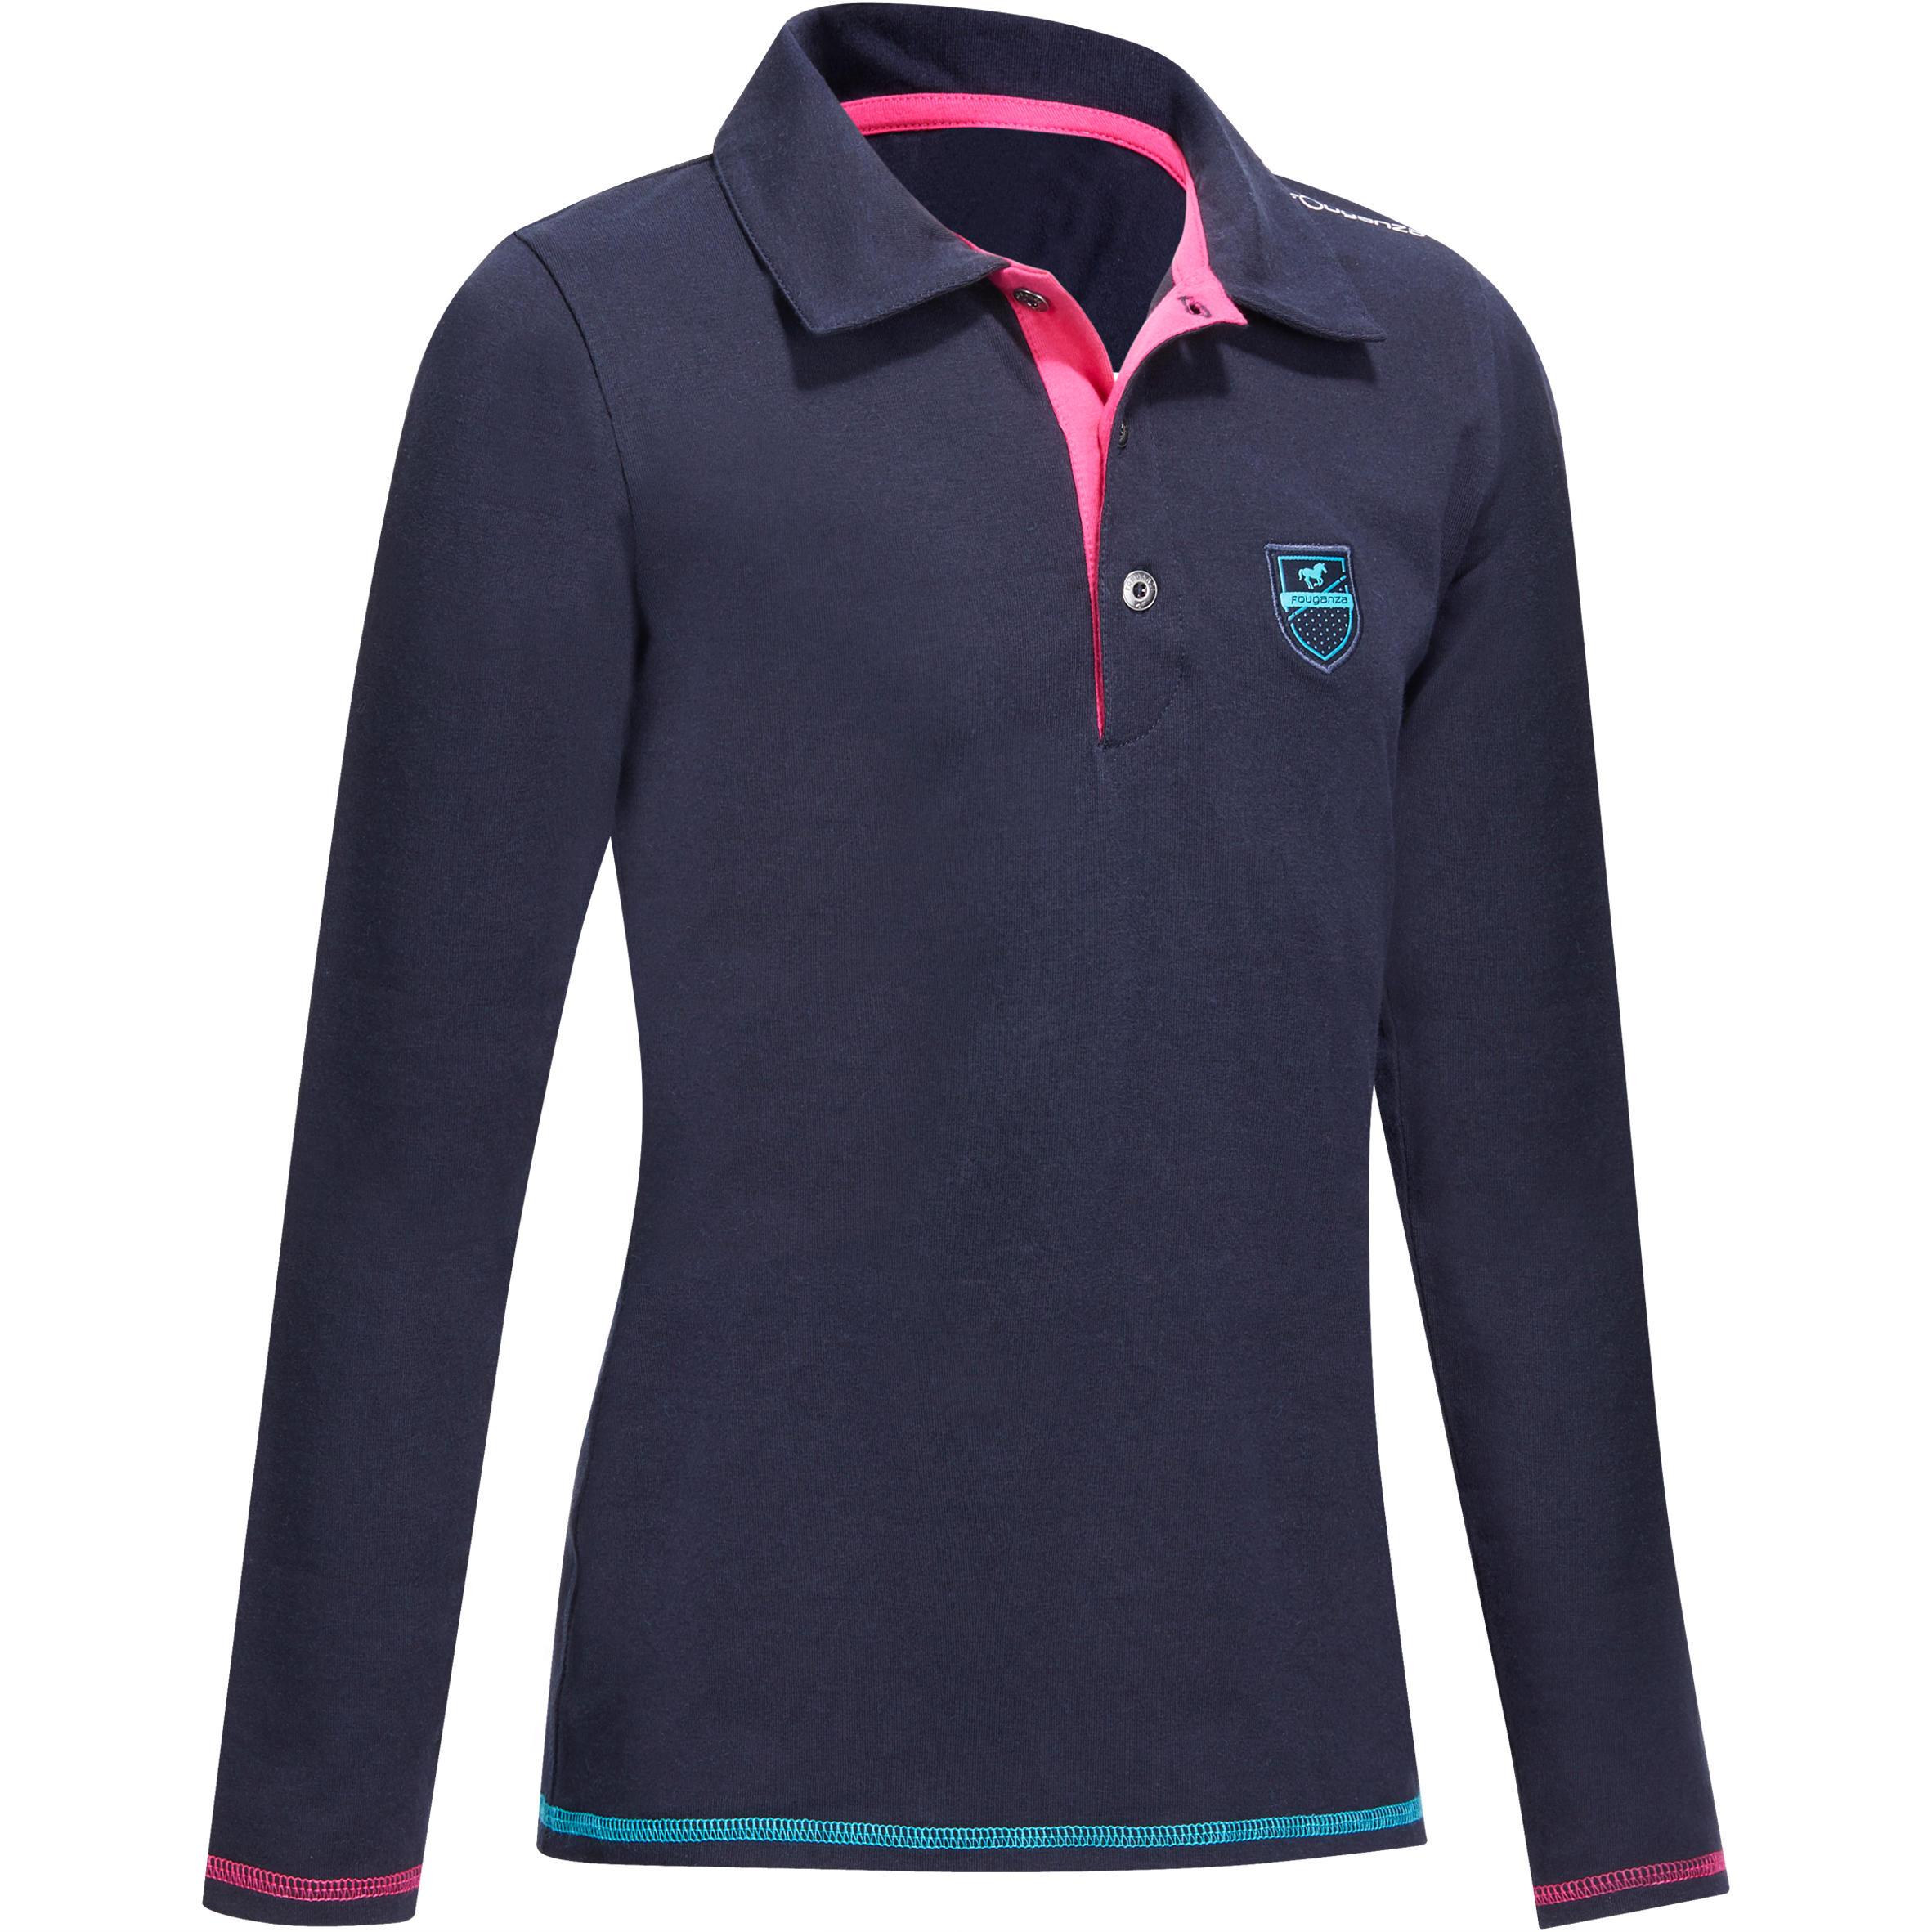 Fouganza Meisjespolo met lange mouwen voor ruitersport marineblauw met borduursel HR